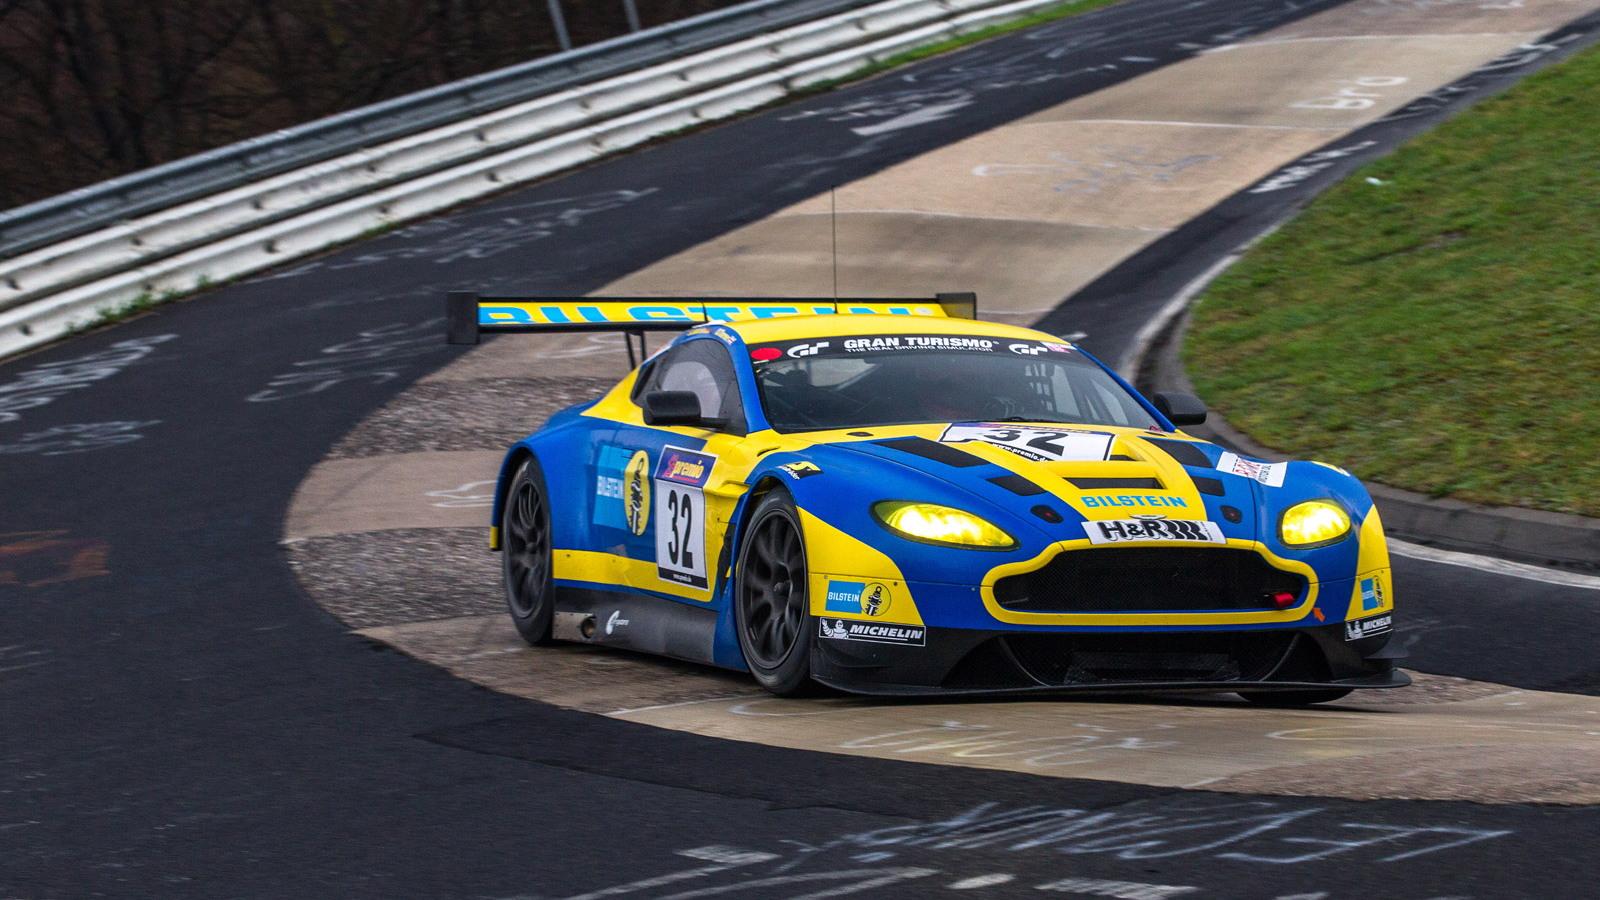 2013 Aston Martin V12 Vantage GT3 race car